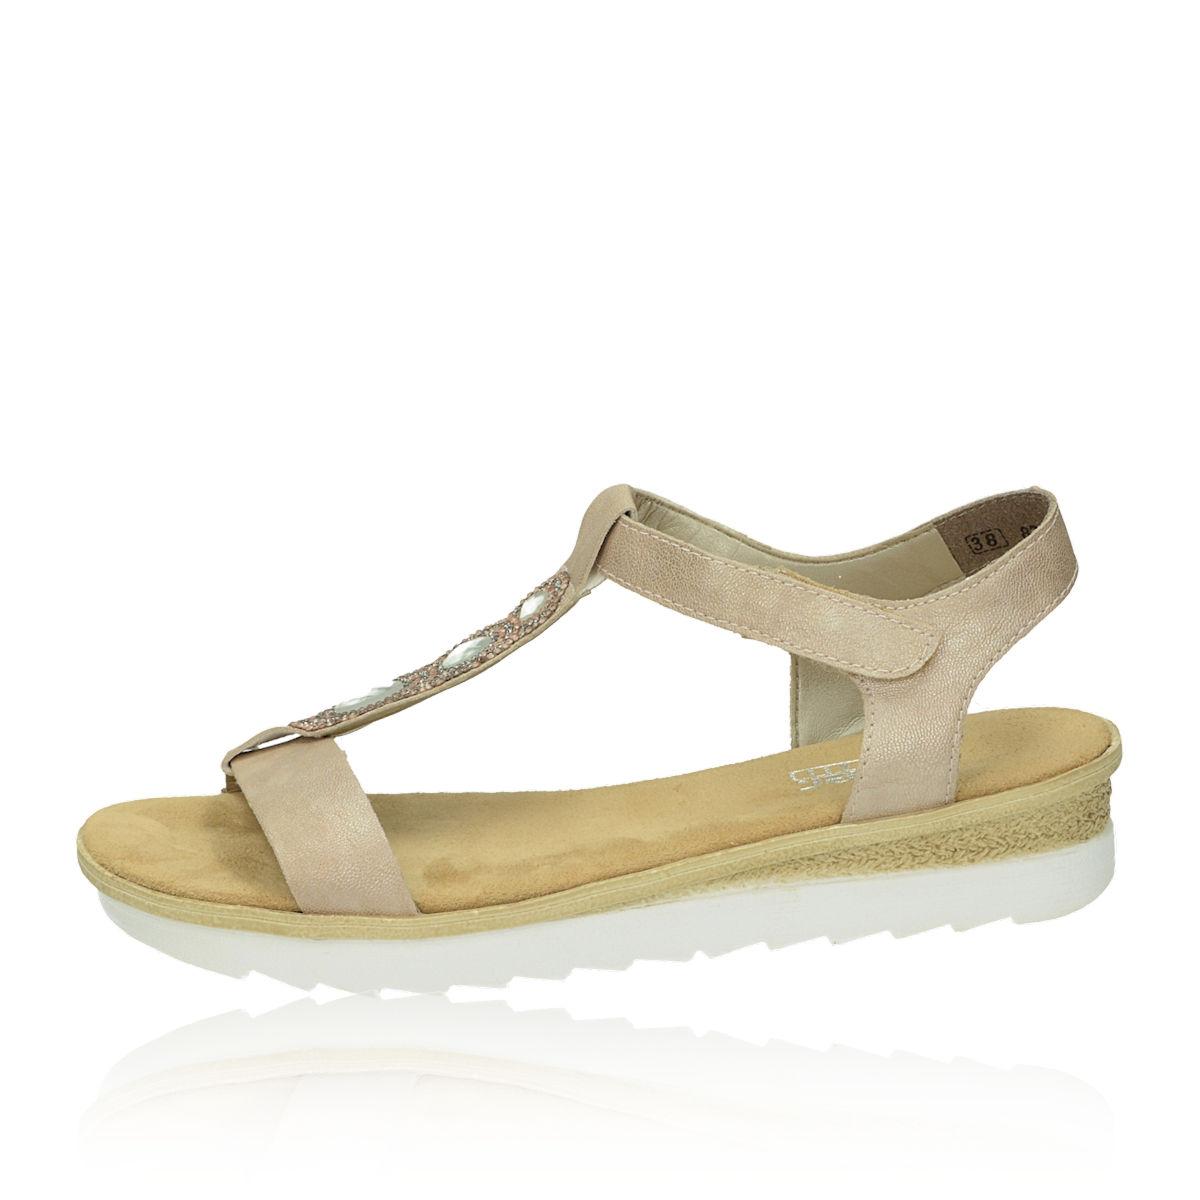 ... Rieker dámske sandále s ozdobnými kamienkami - béžové ... ea9a6790c9f